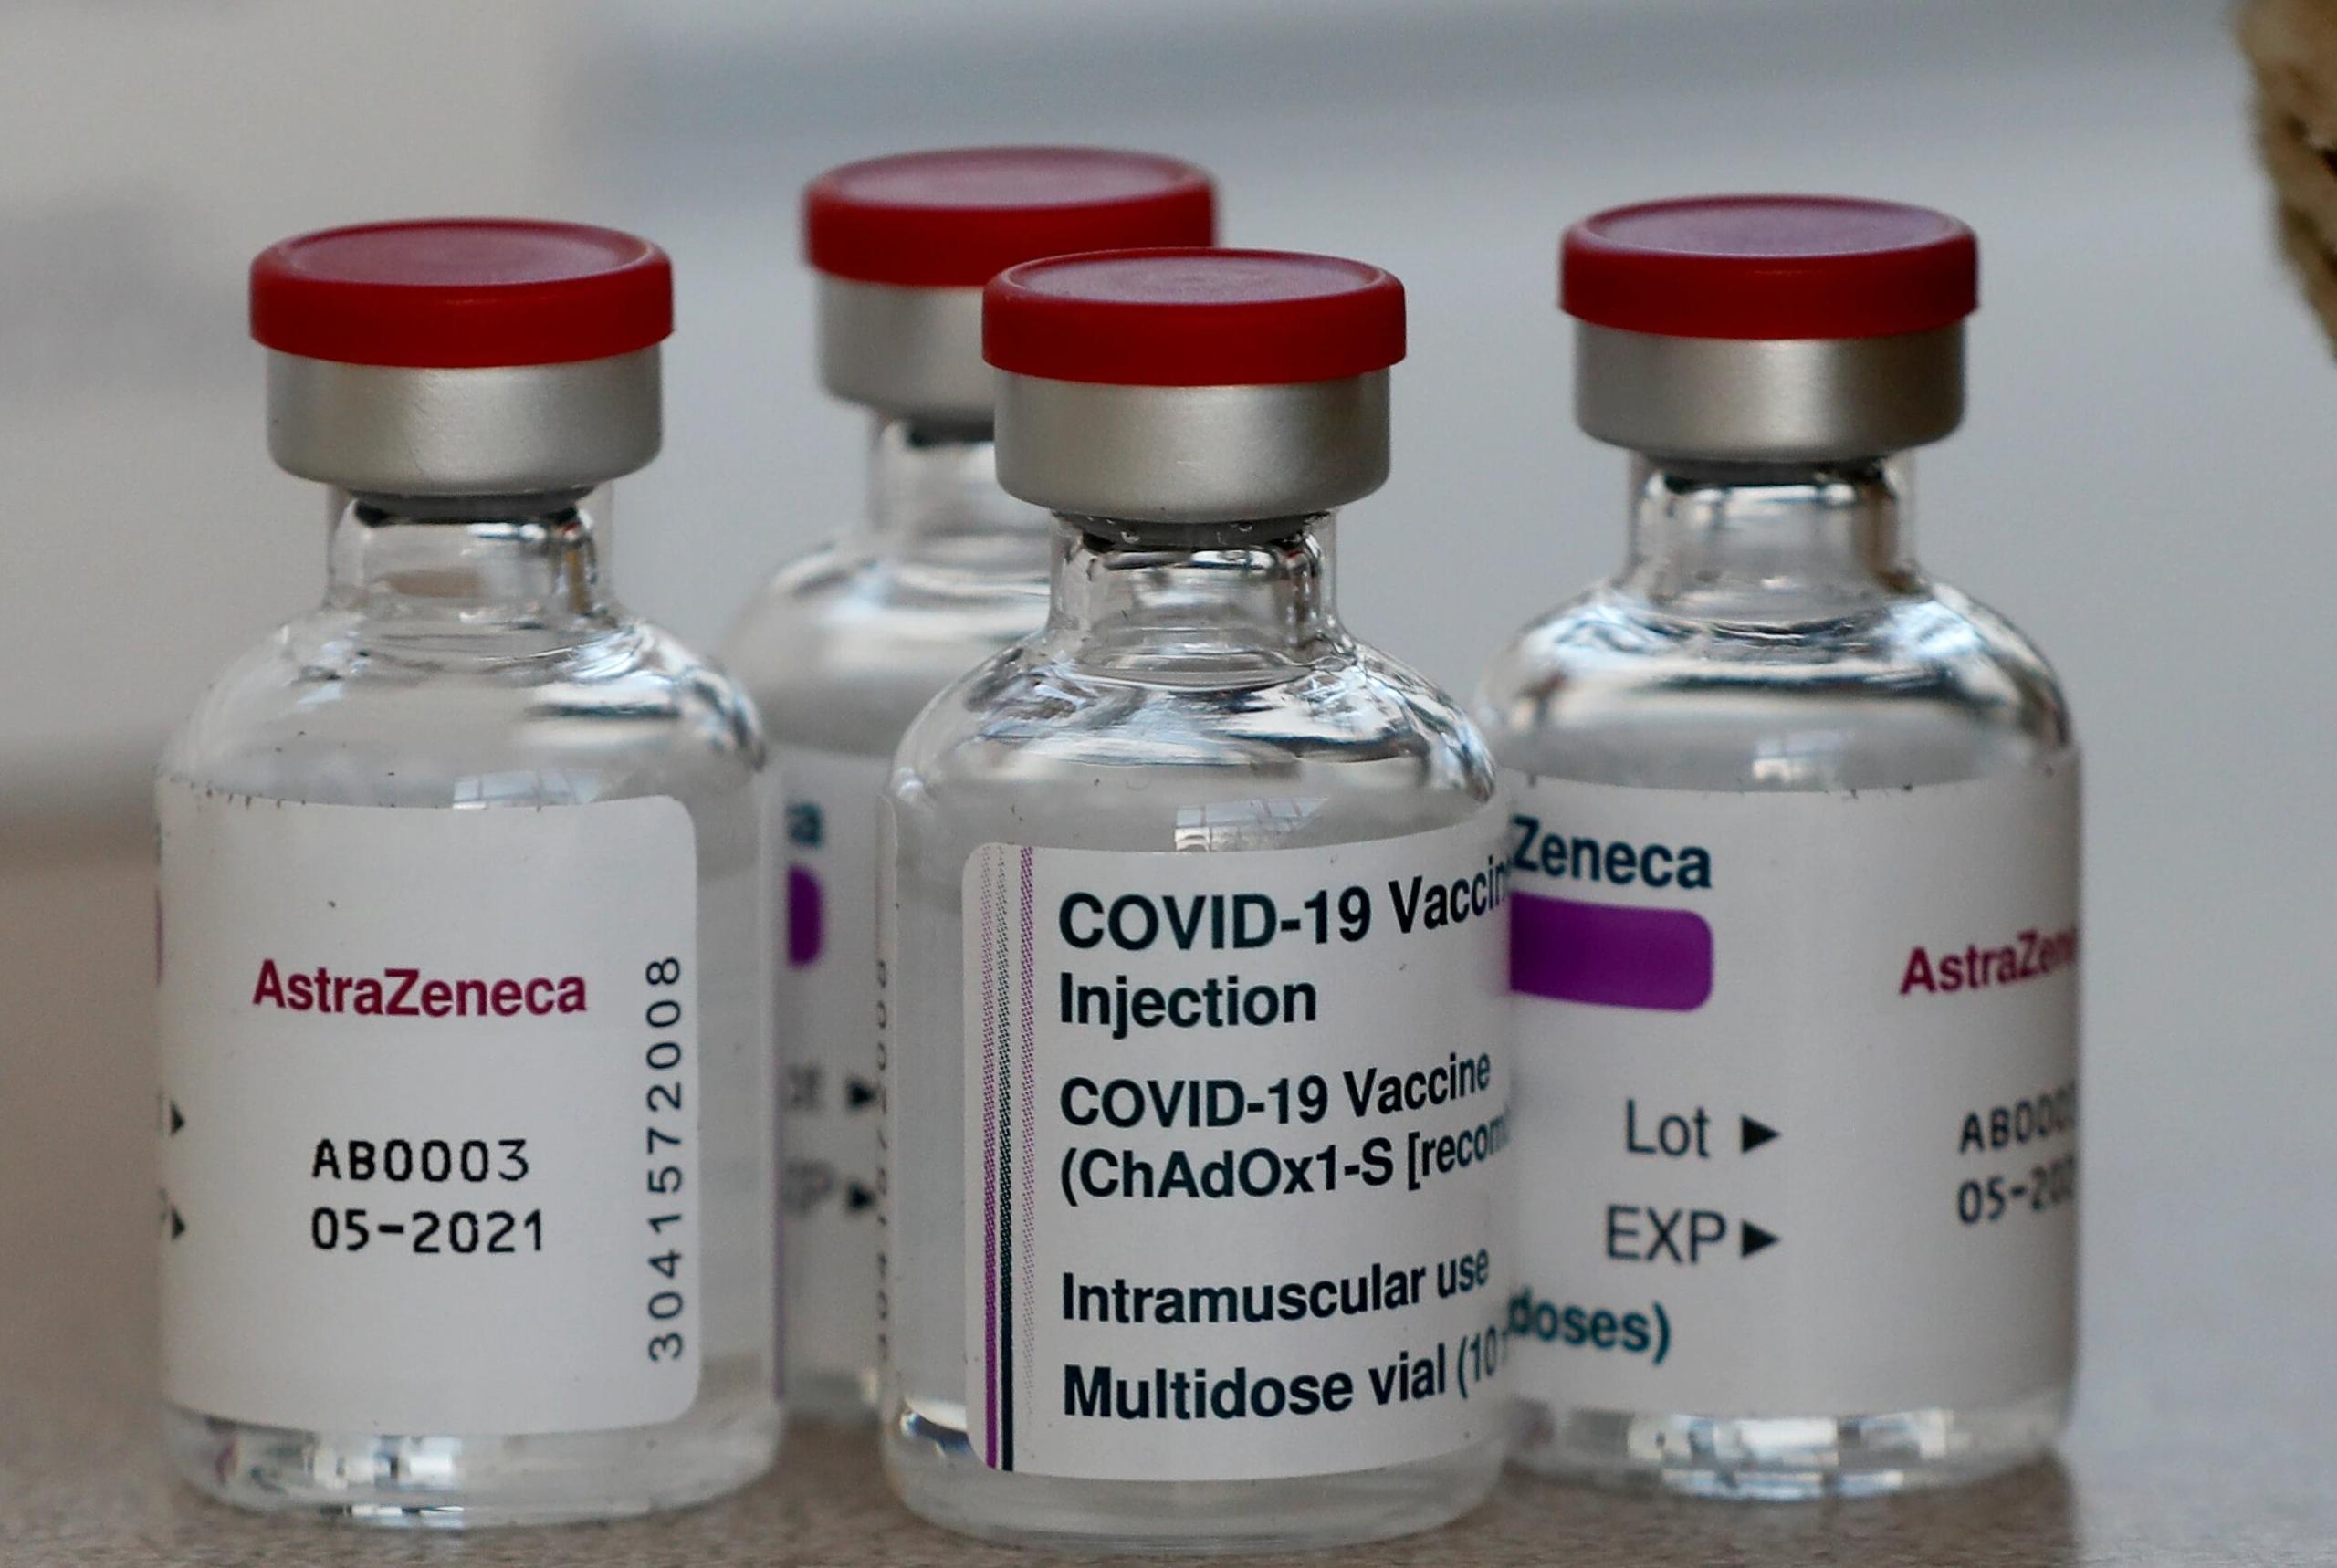 Dinamarca, Noruega e Islandia suspenden aplicación de vacuna de AstraZeneca tras formación de coágulos de sangre